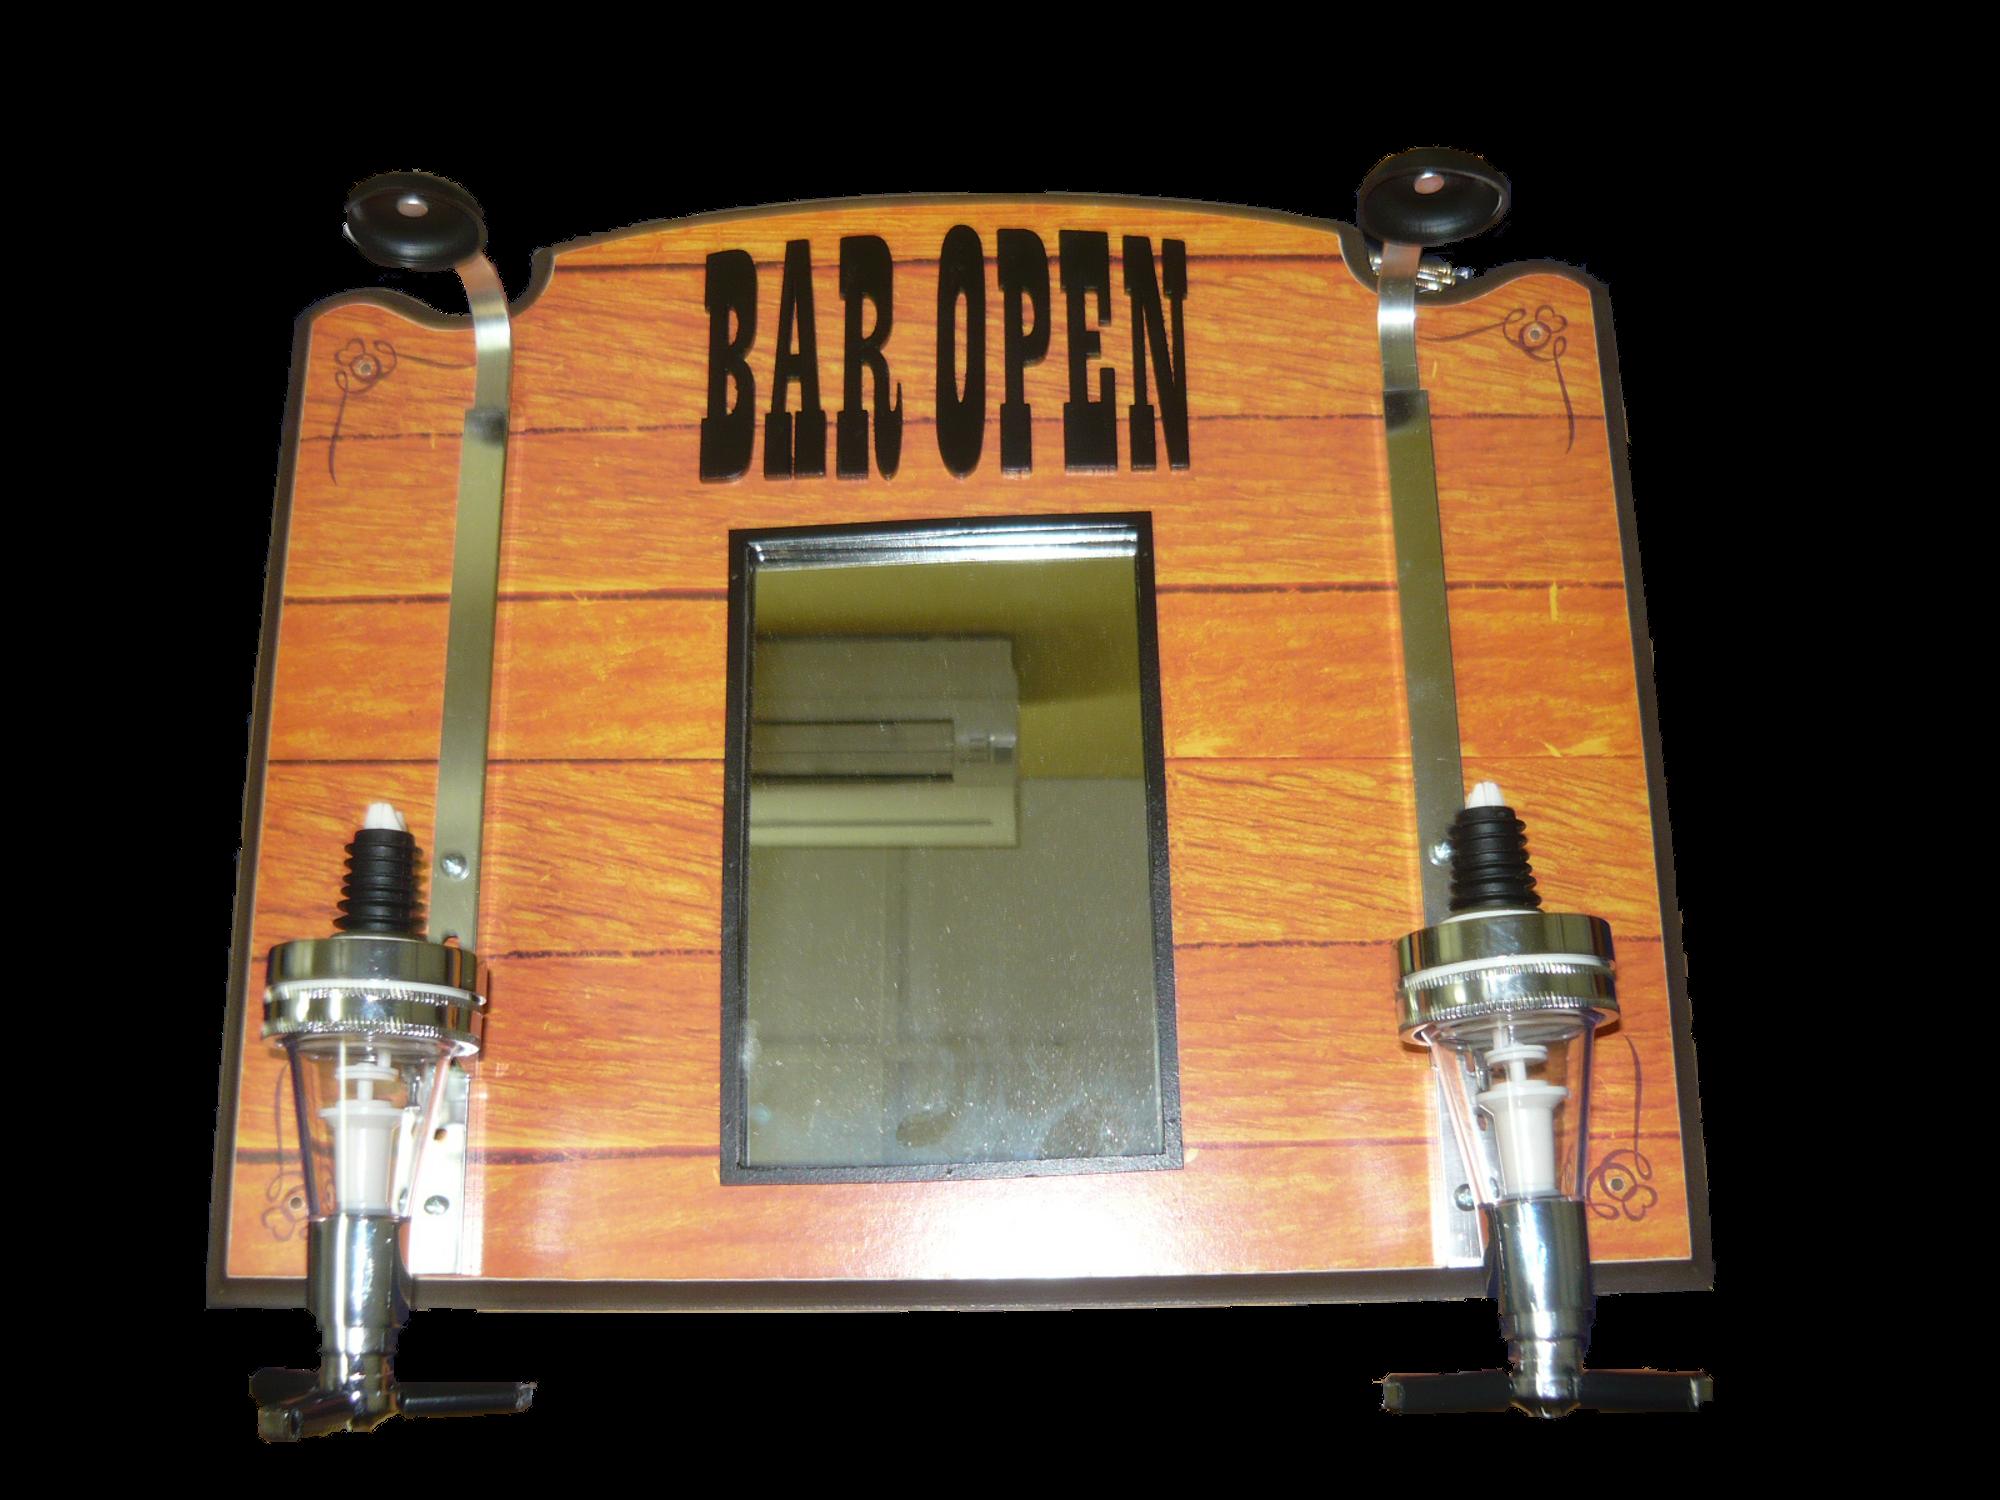 Bar Open - Wall Hanger